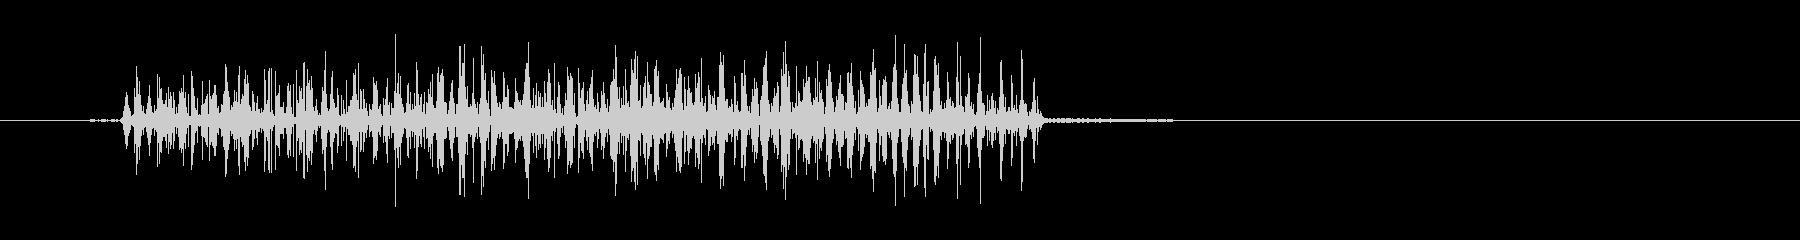 エレクトリックバズシズルの未再生の波形